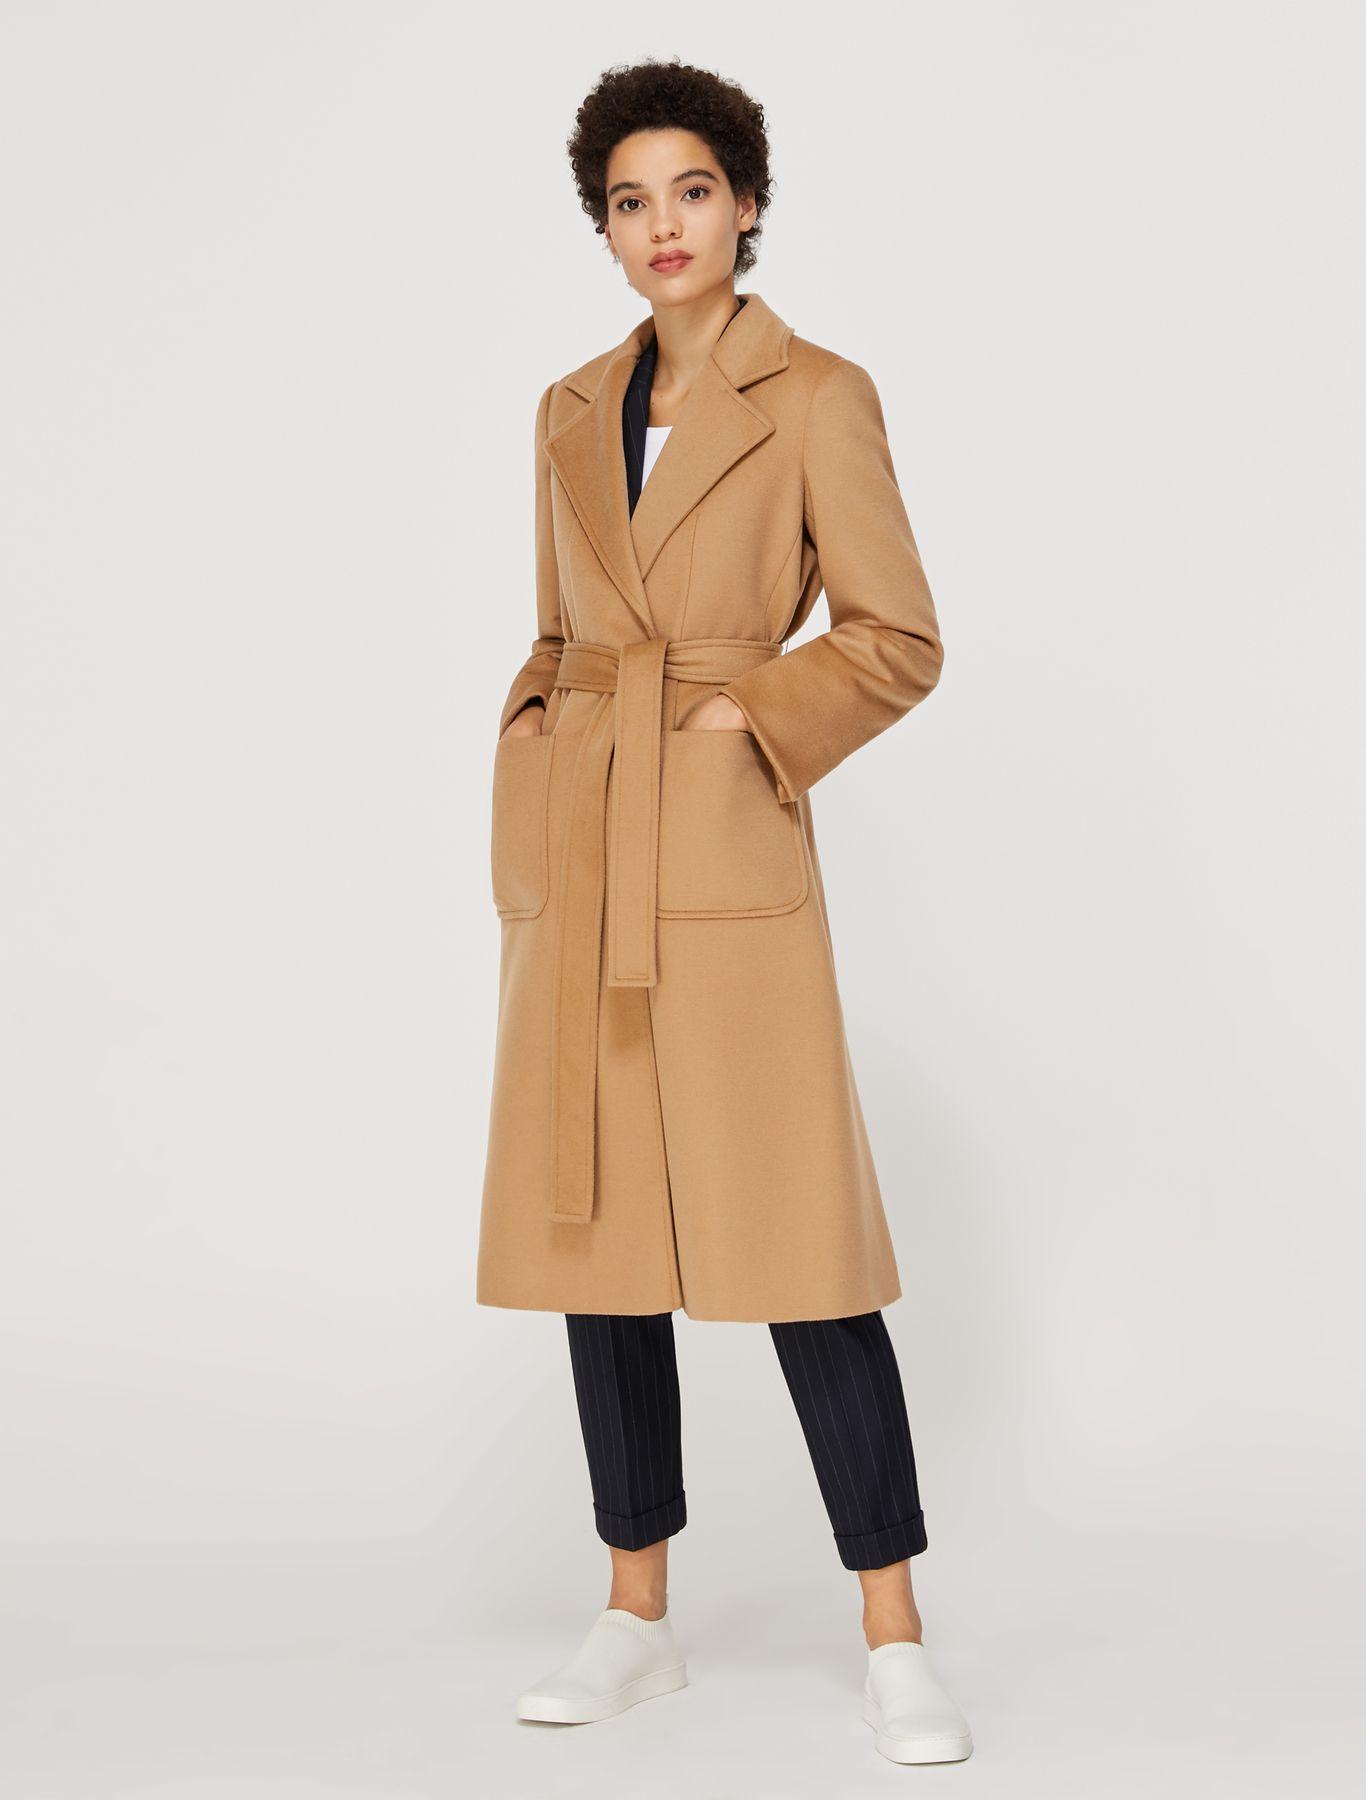 RUNAWAY Coat brown 1